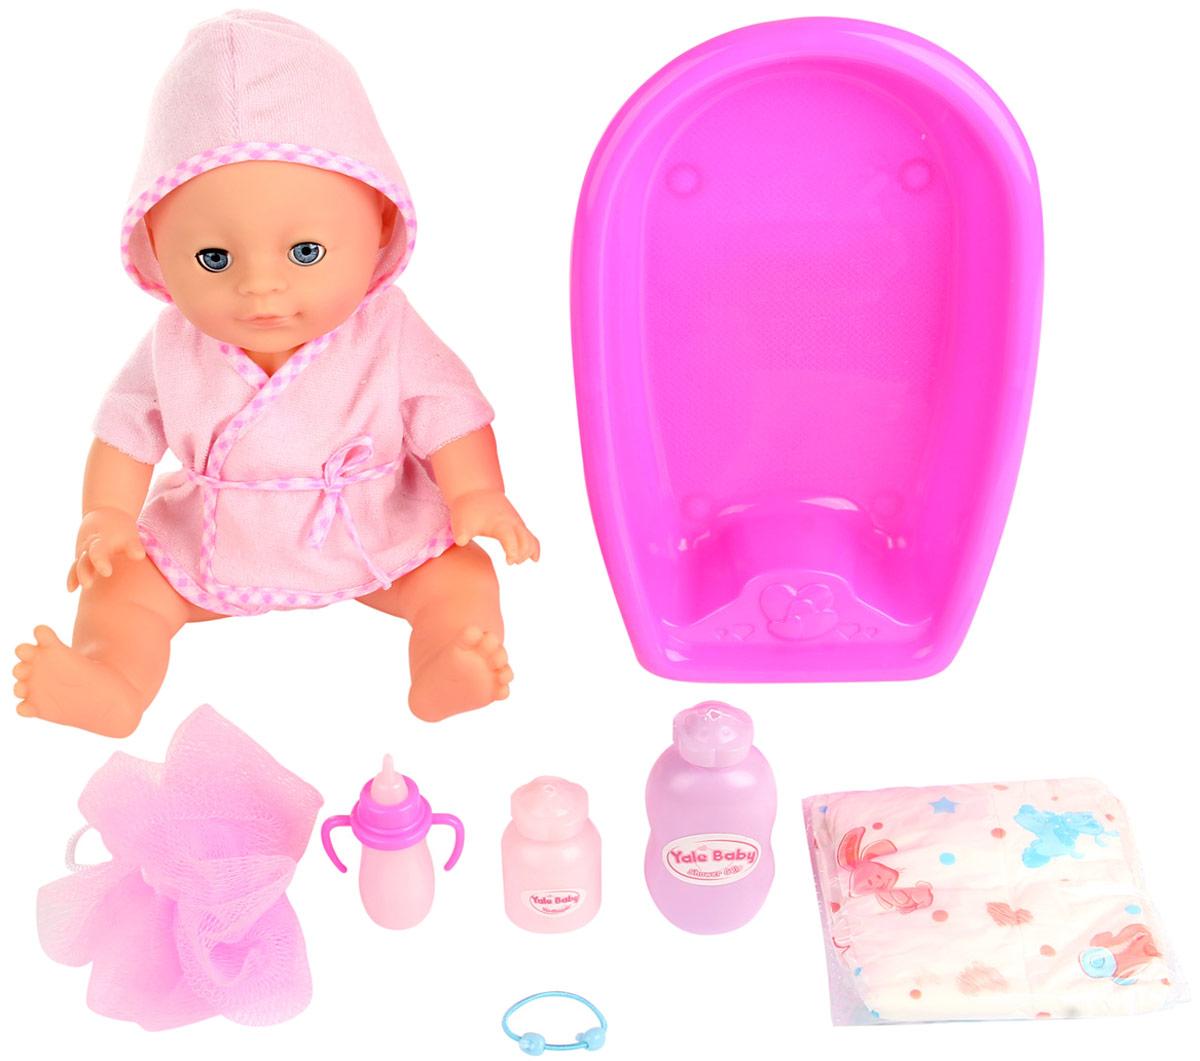 Lisa Jane Пупс с ванной 35 см 59476 lisa jane пупс с ванной цвет голубой 35 см 59479